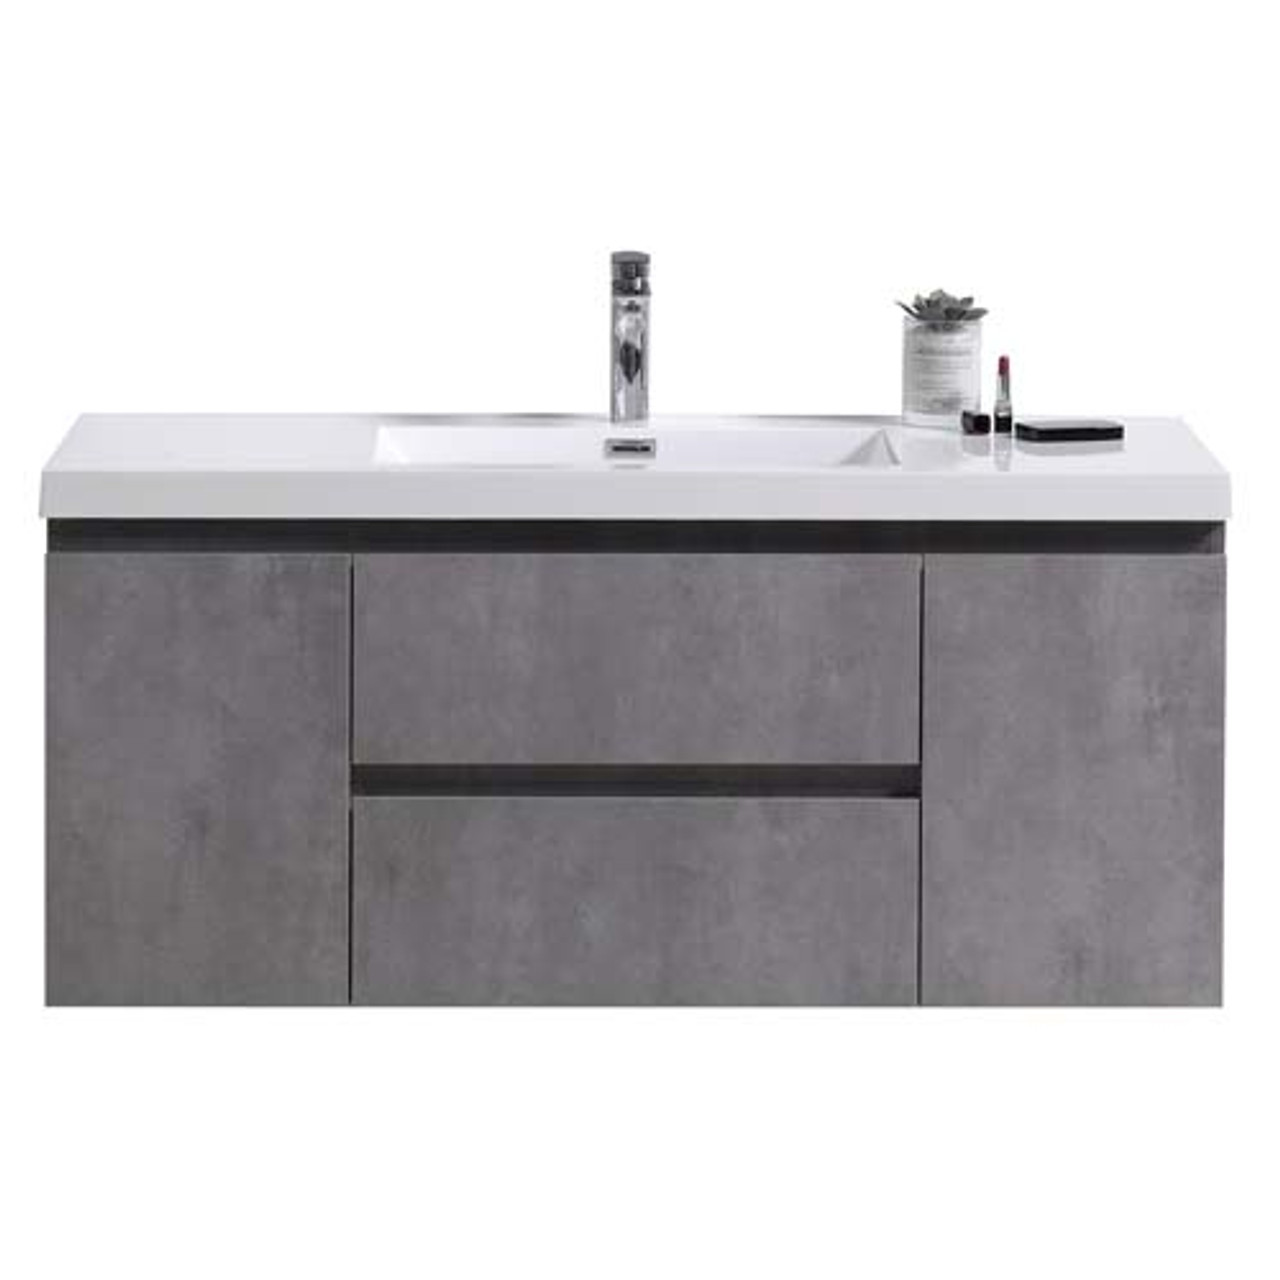 Bohemia 48 Wall Mounted Modern Bathroom Vanity With Reinforced Acrylic Sink Tona Bathroom Vanity